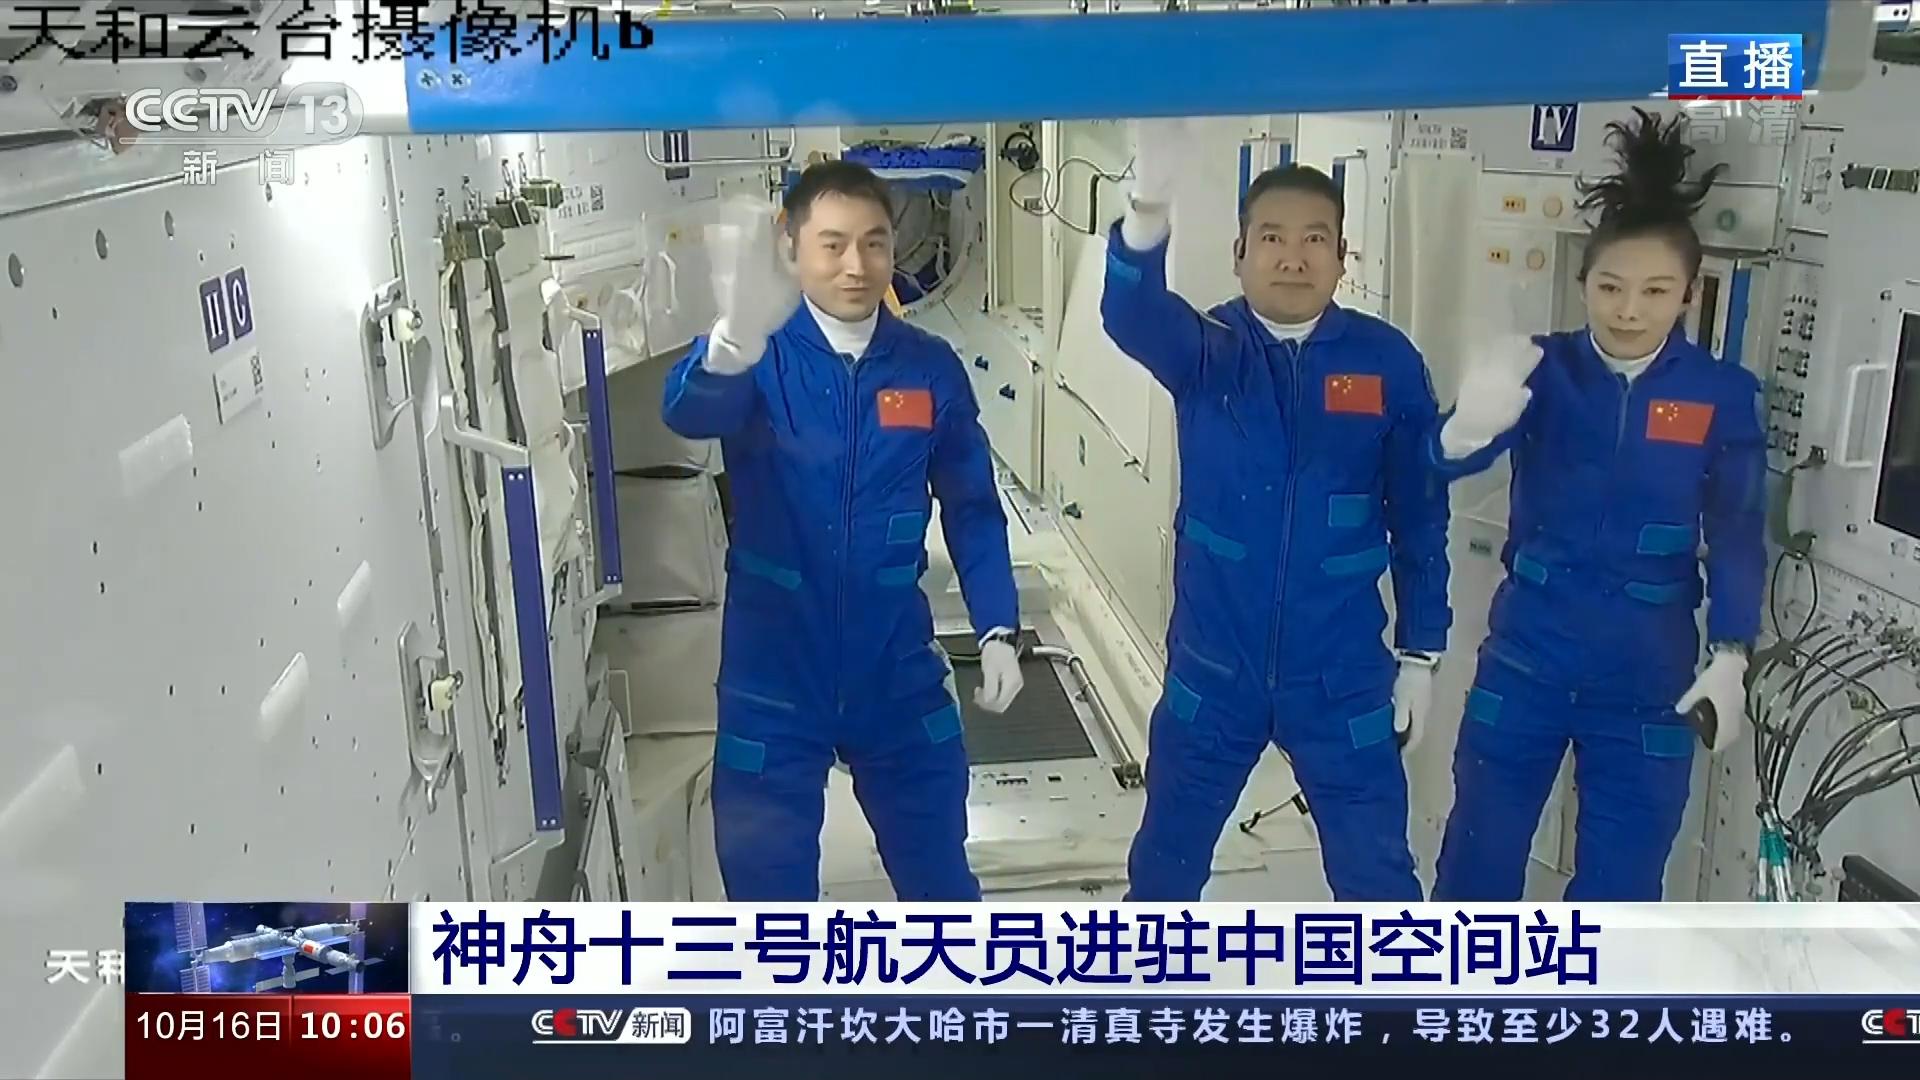 神舟十三號完成與天和核心艙交會對接 3太空人進入中國太空站【短片】